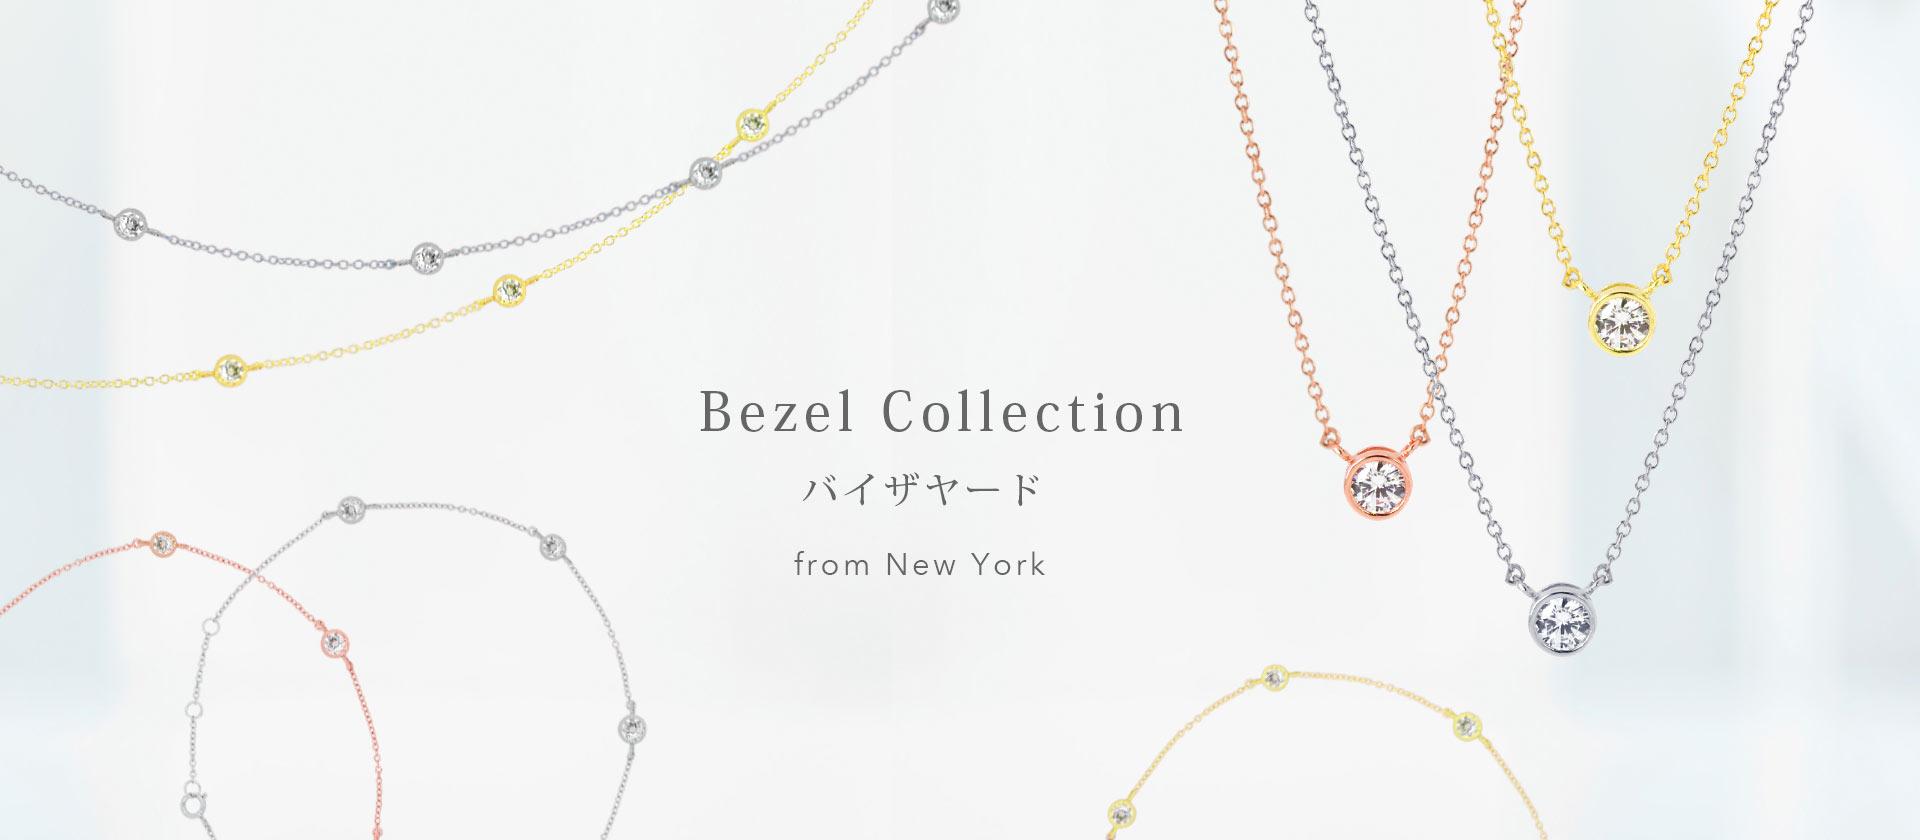 バイザヤード ネックレス ブレスレット アンクレット ニューヨーク限定 日本未発売 ジュエリー